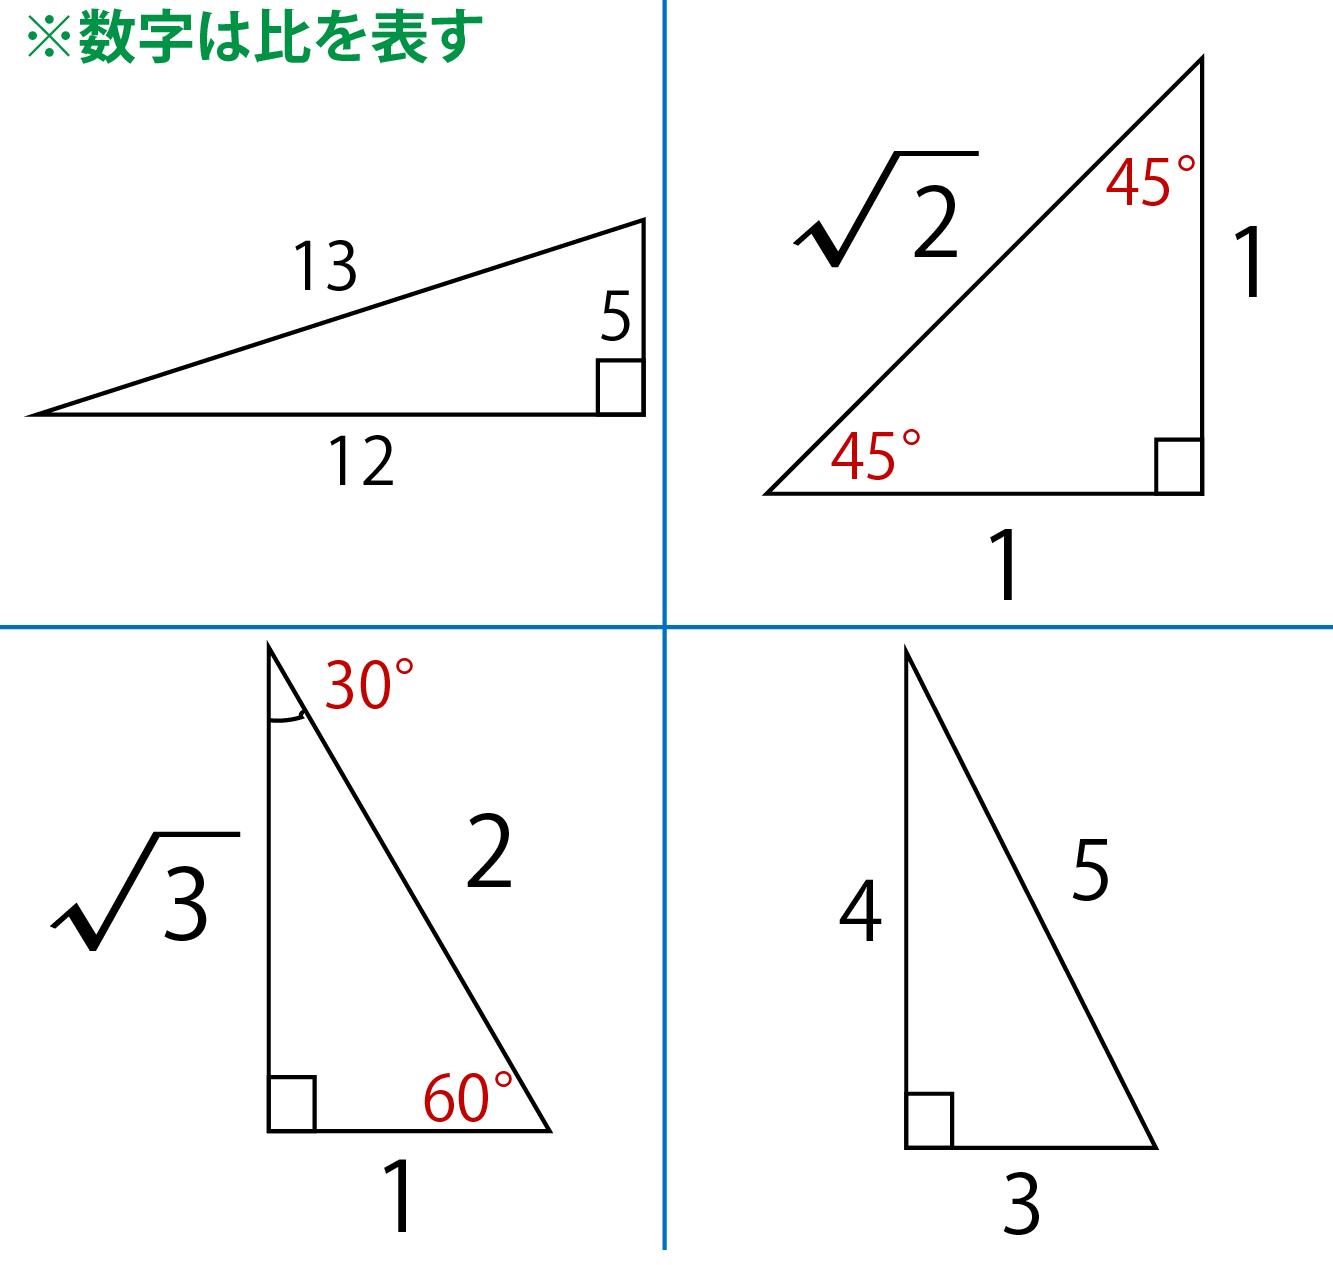 代表的な直角三角形の一覧